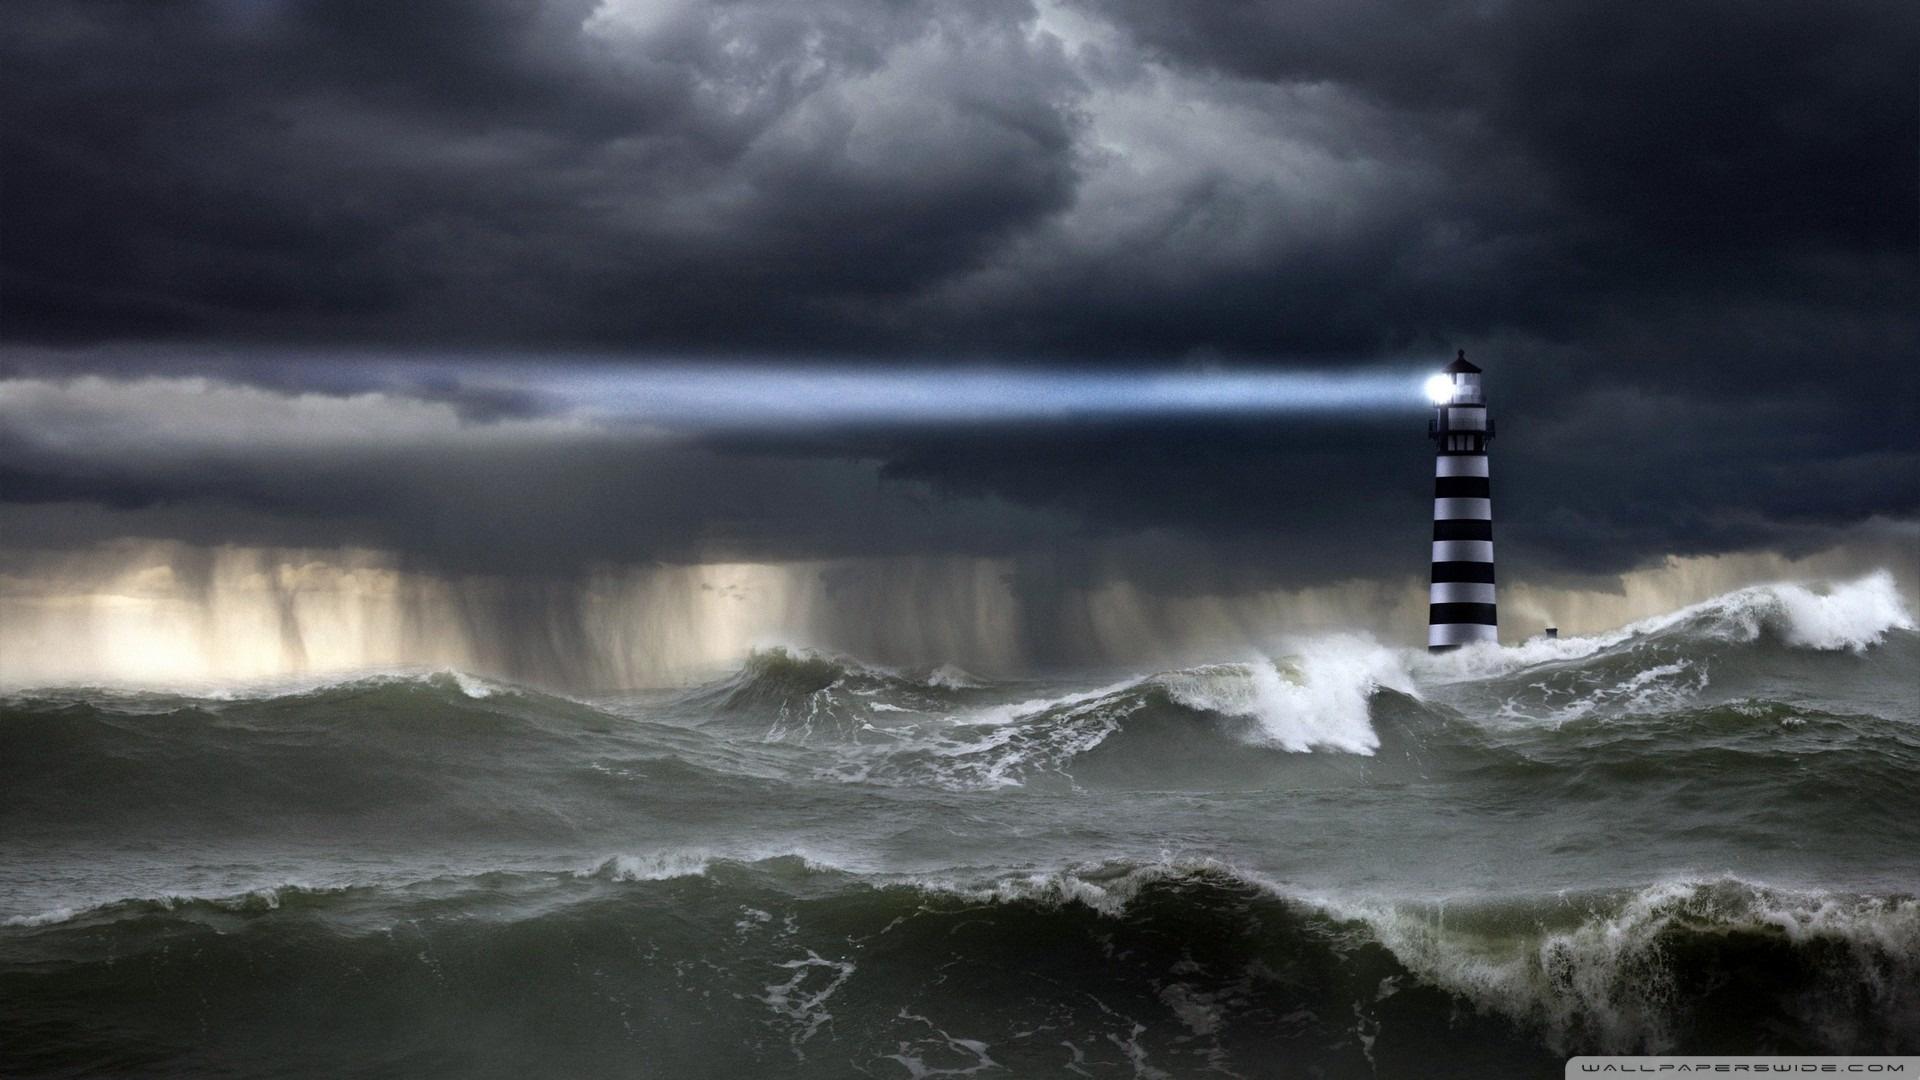 Sea Storm Wallpaper 1920x1080 Sea Storm 1920x1080